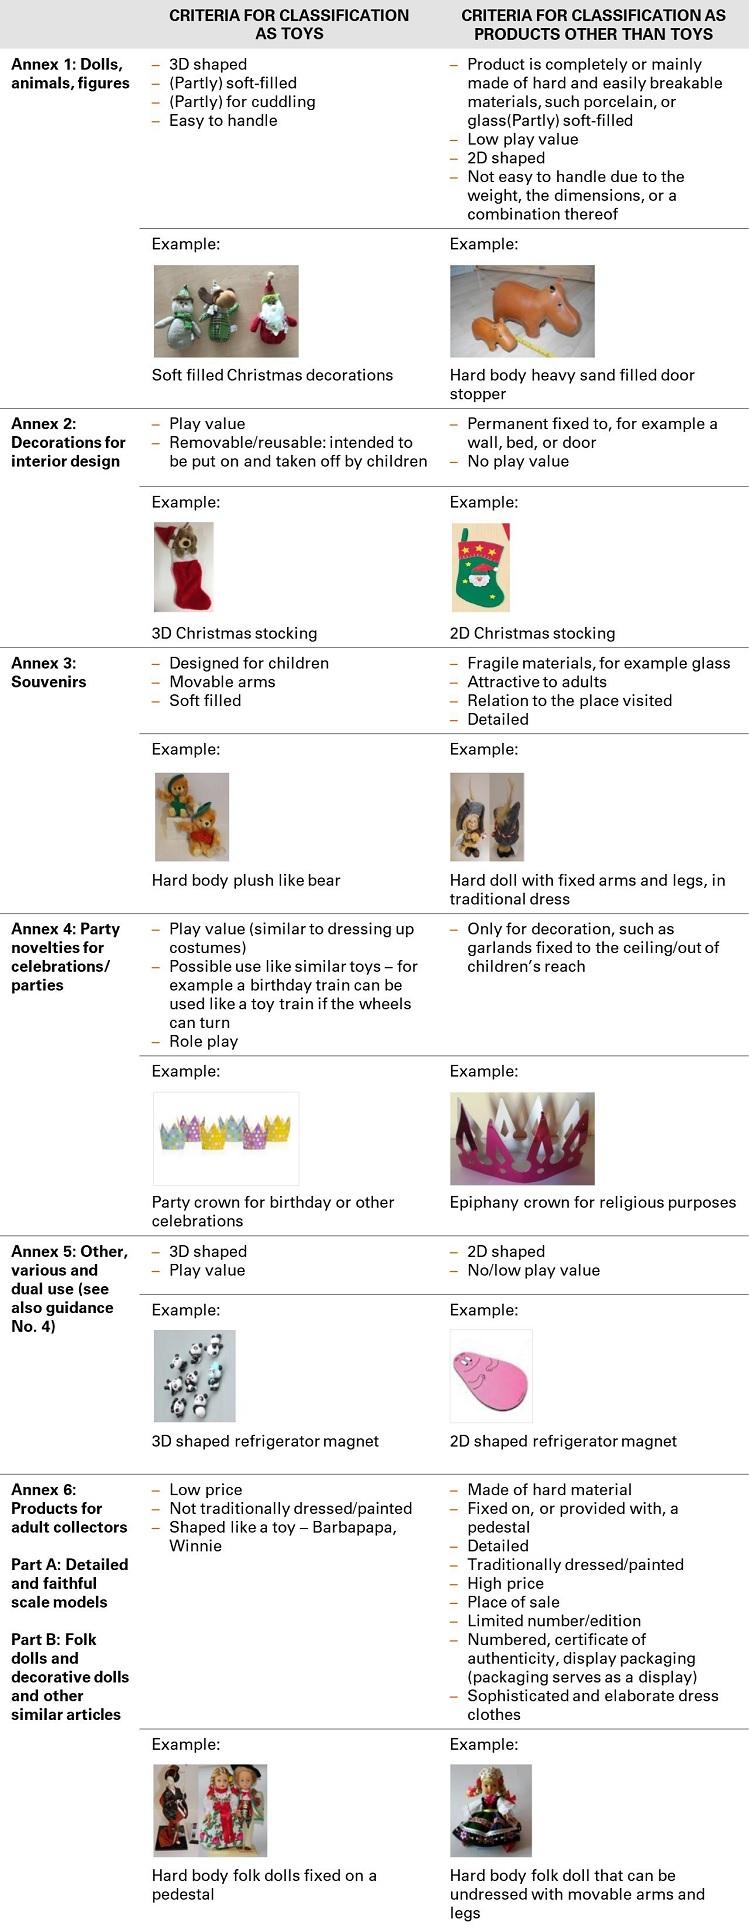 玩具和非玩具区分标准